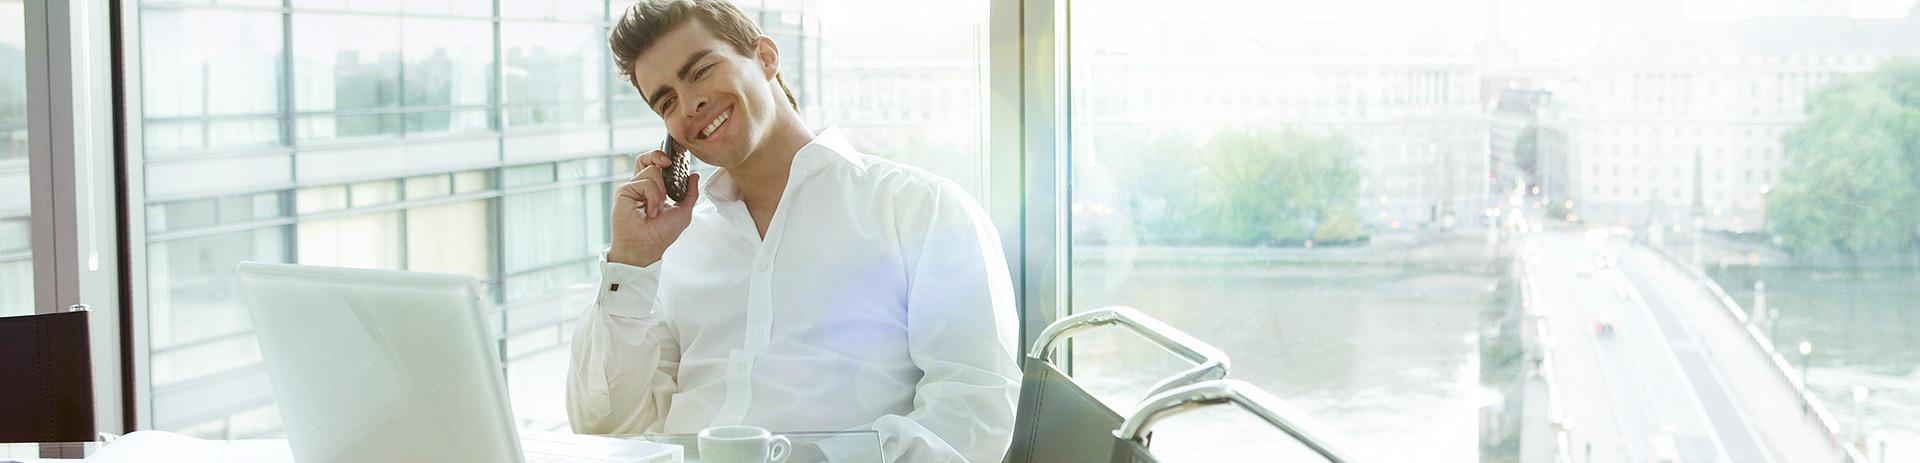 ein Mann im Hemd gekleidet, sitzt am Esstisch mit seinem Laptop und telefoniert. Im Hintergrund sieht man eine Brücke, die über einen Fluss führt.